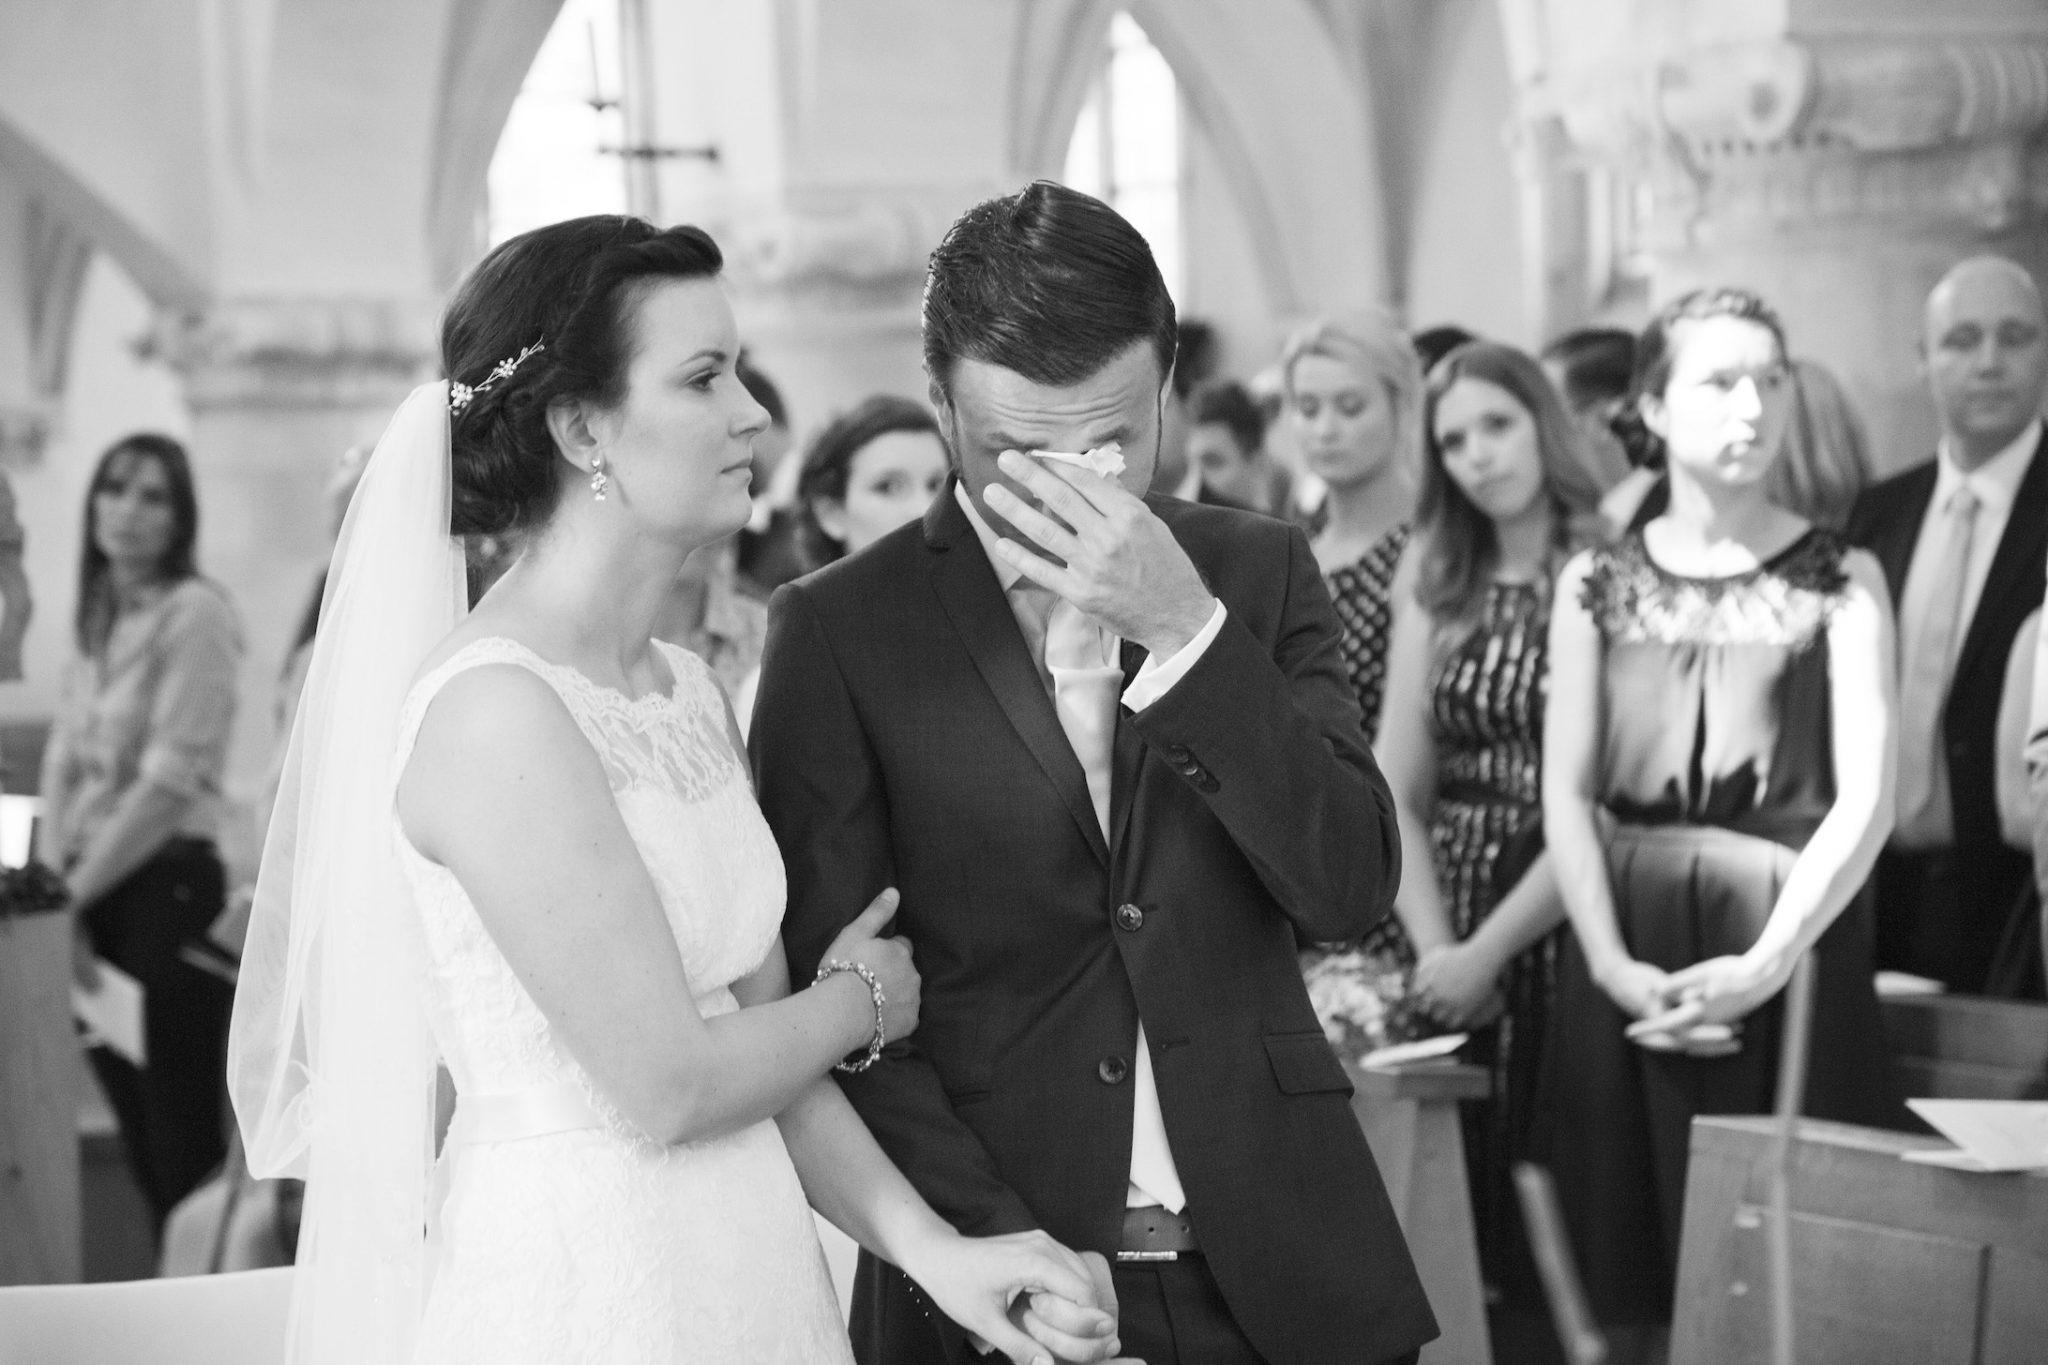 Hochzeit von Laura und Jan in Münster: Bräutigam weint in der Kirche